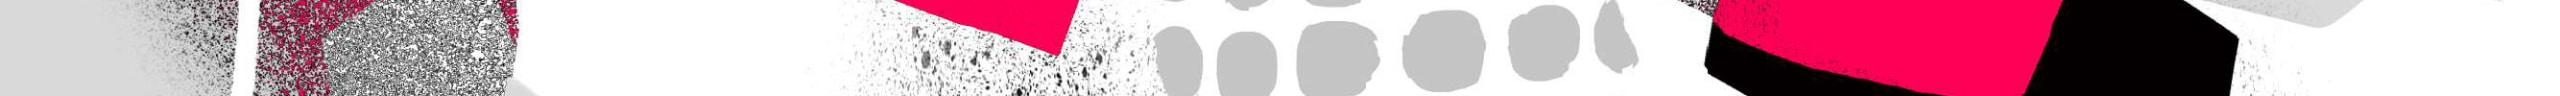 бетахаус история,екип betahaus,coworking sofia history,история на споделеното работно пространство в българия,coworking office sofia,офис за един ден софия център,coworking space sofia,споделено работно място софия